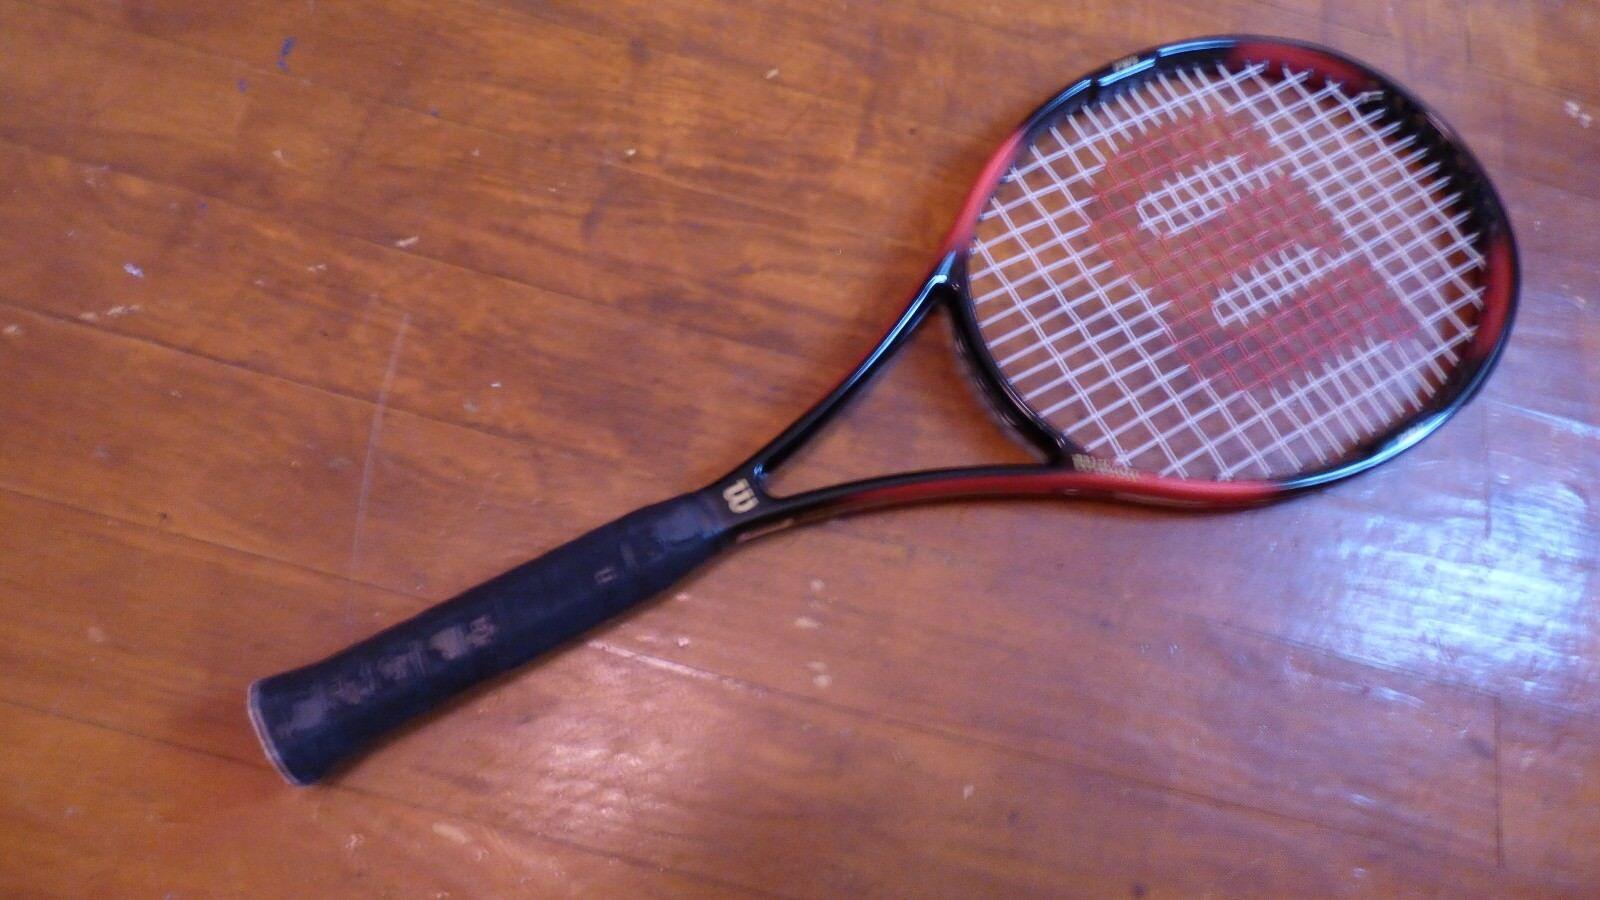 Raquette de tennis Wilson Projoon 400  High Beam Series SL 5  más descuento